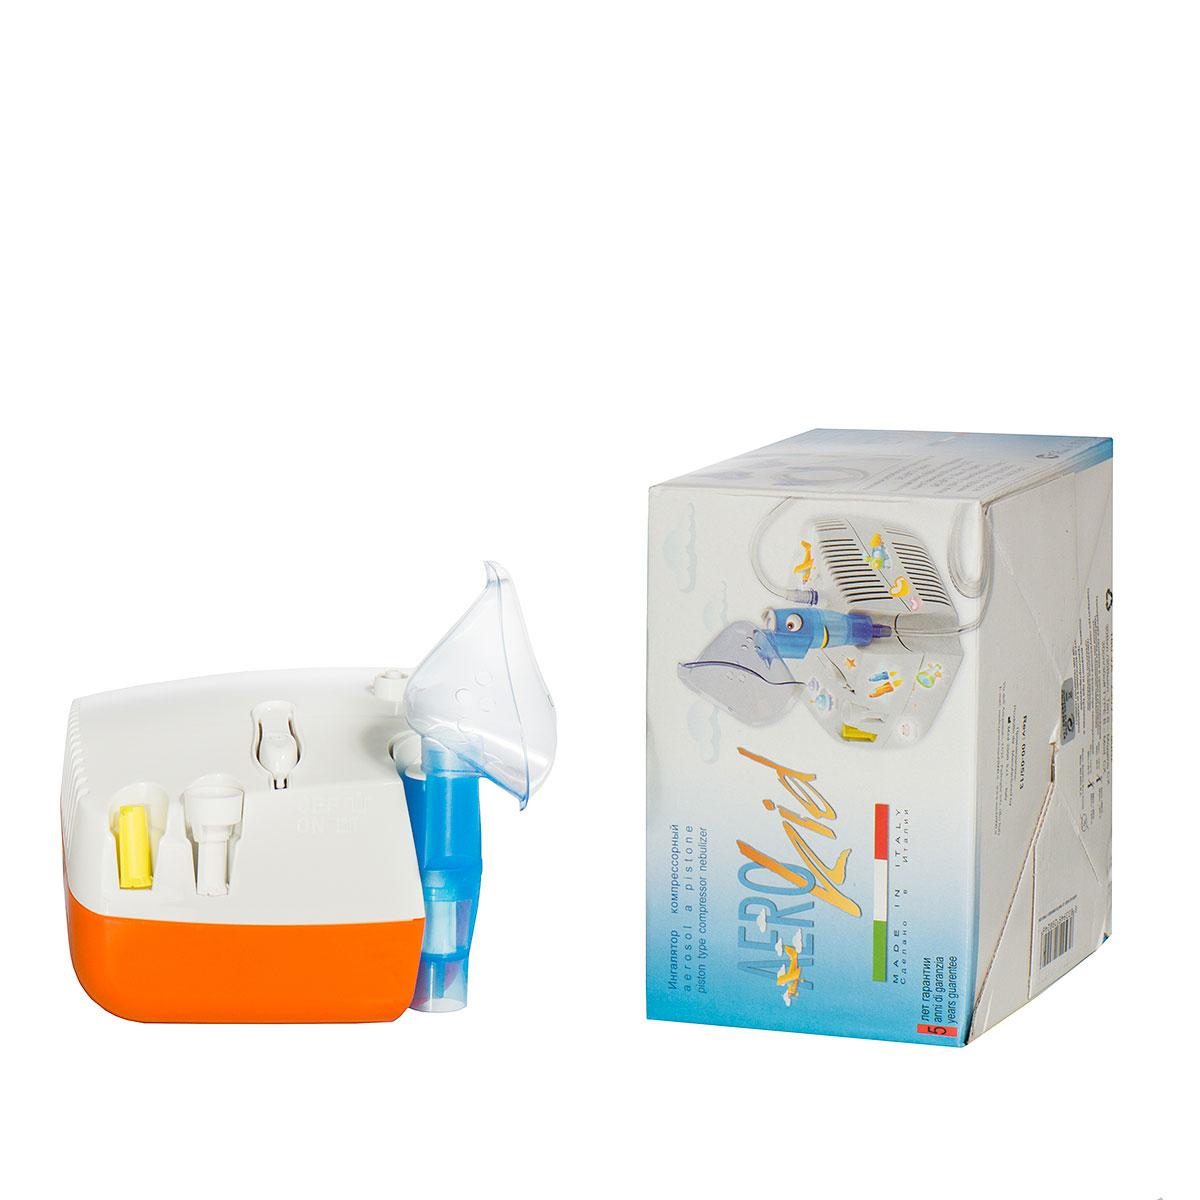 MED 2000 Ингалятор компрессорный модели СХ AERO Kid0001508Технические характеристики: - питание 220 – 240 В - давление 3 бар - расход воздуха 15 л/мин - объем резервуара 7 мл - шумовой порог 50 дБ - 3 режима работы Ингалятор AeroKid в комплекте имеет взрослую и детскую маски, цветные аппликации, которые дети смогут самостоятельно наклеить и разукрасить прибор. Все съемные детали легко снимаются, надеваются, после каждого применения их необходимо мыть и сушить. Комплект поставки: - небулайзер - силиконовая трубка - детская и взрослая маски - мундштук - сменные фильтры - 3 пистона - переходник - цветные аппликации - инструкция по применению - Срок гарантии 5 лет Ингалятор детский AeroKid Модель 2013 года MED2000 ITALY - позволяет удобно проводить аэрозольную терапию детям и взрослым. Компактность, легкость и доступность детского компрессорного небулайзера МЕД2000 Аэрокид, предназначенного для аэрозольной терапии, имеющего электрический поршневый компрессор, пришлись очень кстати...